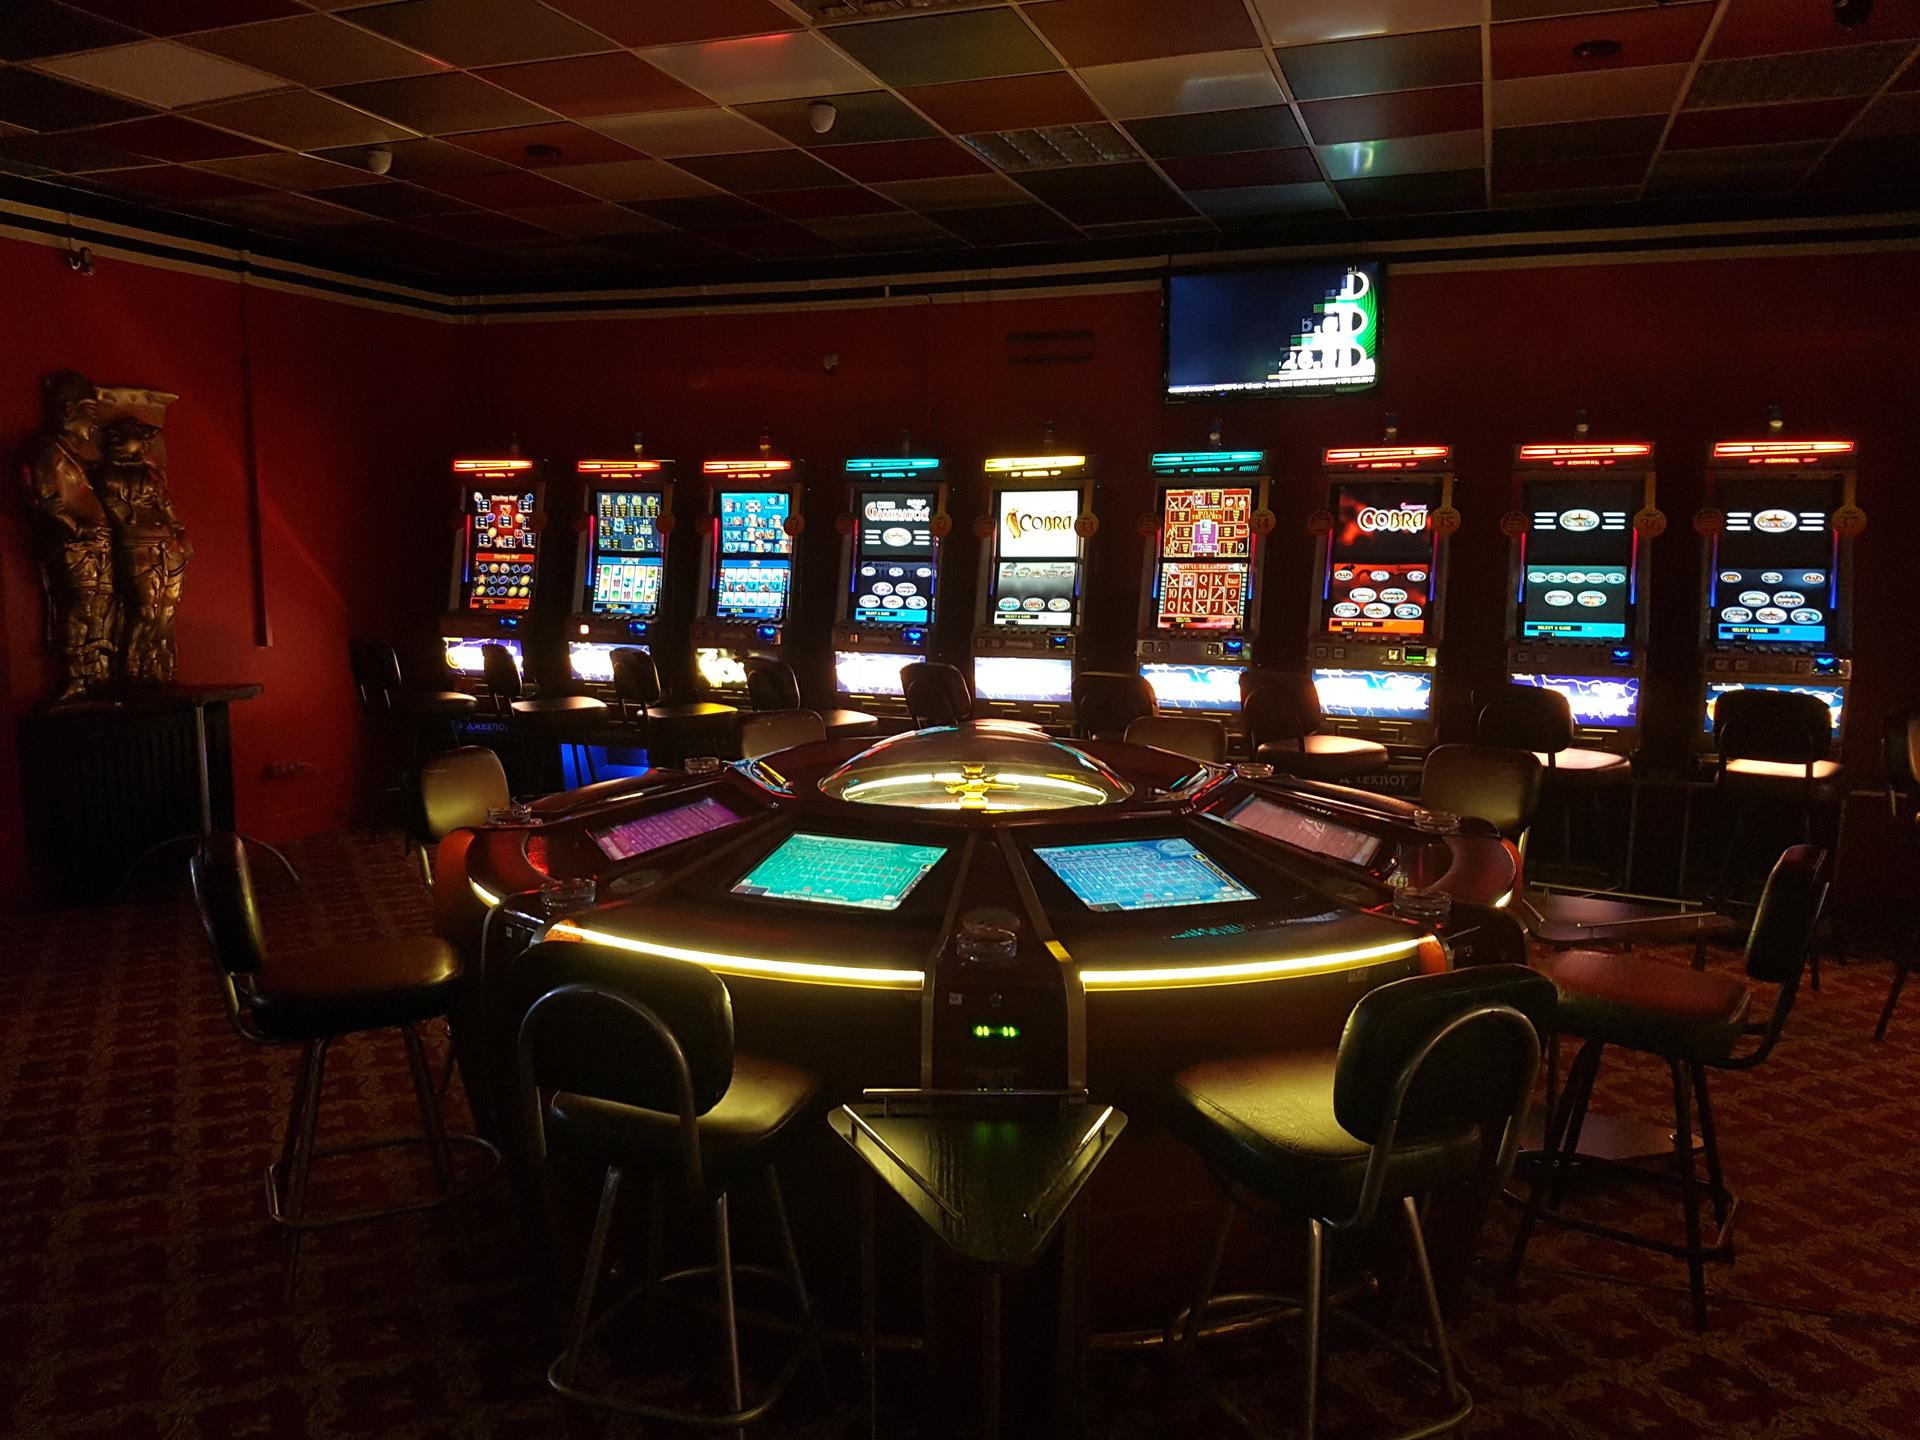 Официальный сайт казино Вулкан доступен для всех любителей азартных игр